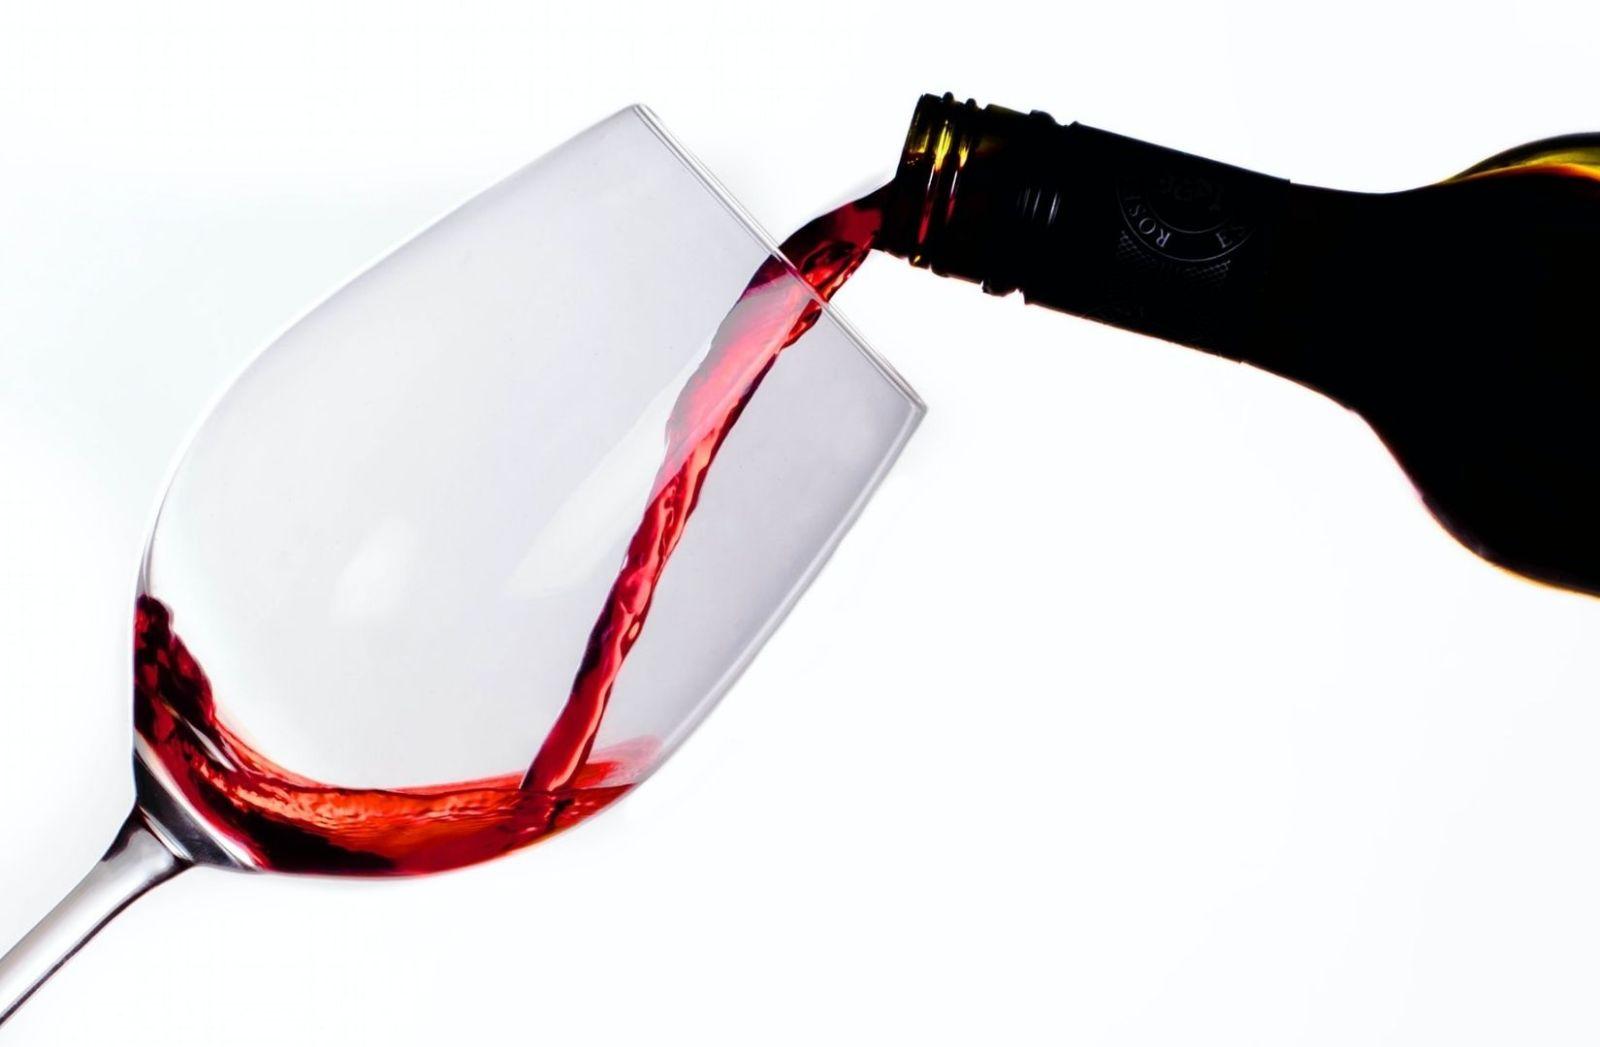 SPAC ist wie ein Glas Wein in dem kein Wein sein muss. (Foto: Apolo Photographer, Unsplash.com)